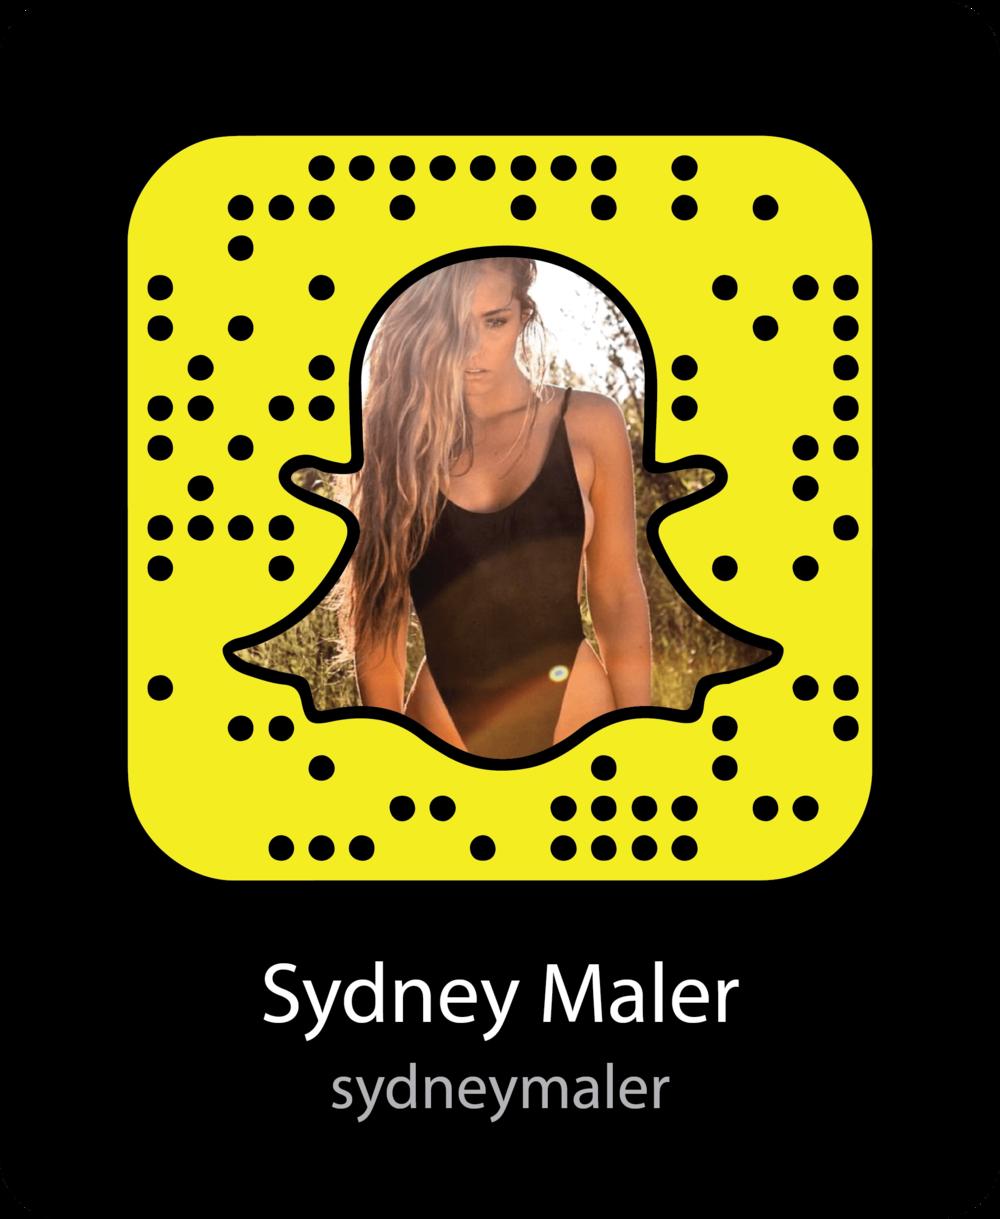 sydney-maler-sexy-snapchat-snapcode